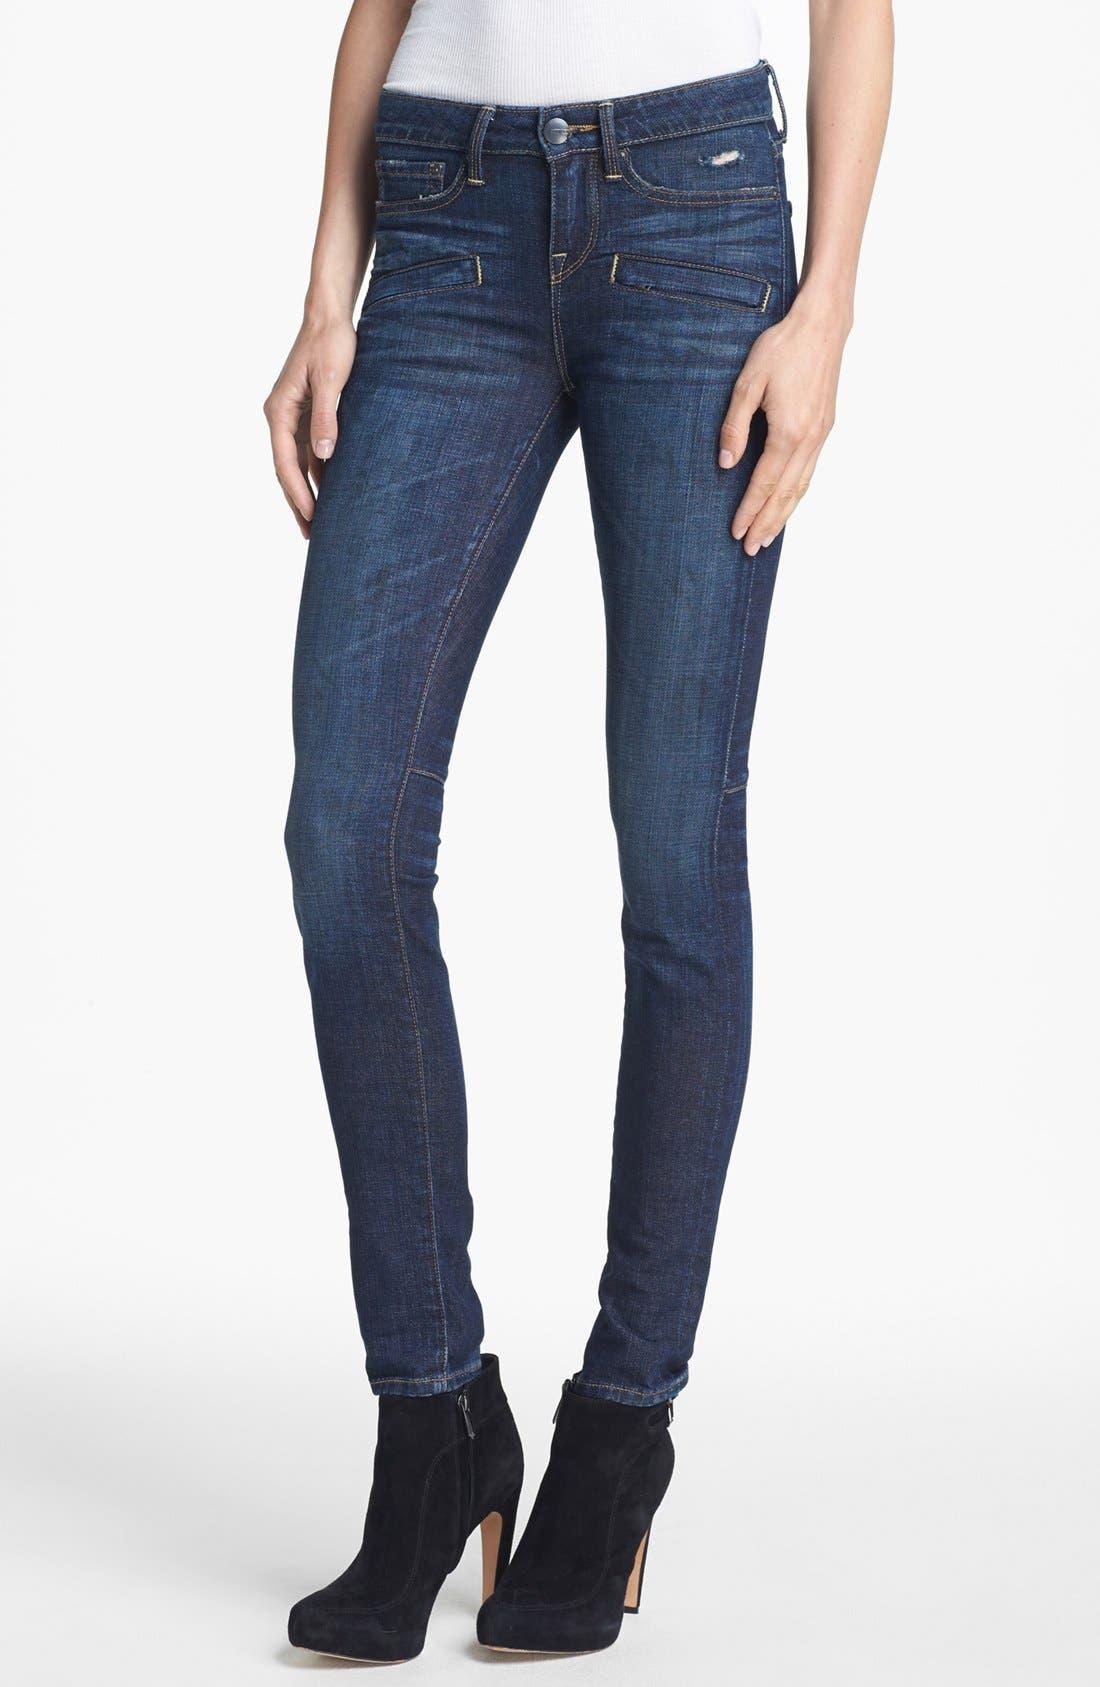 Main Image - Vince Welt Pocket Skinny Stretch Jeans (Dirty Vintage)